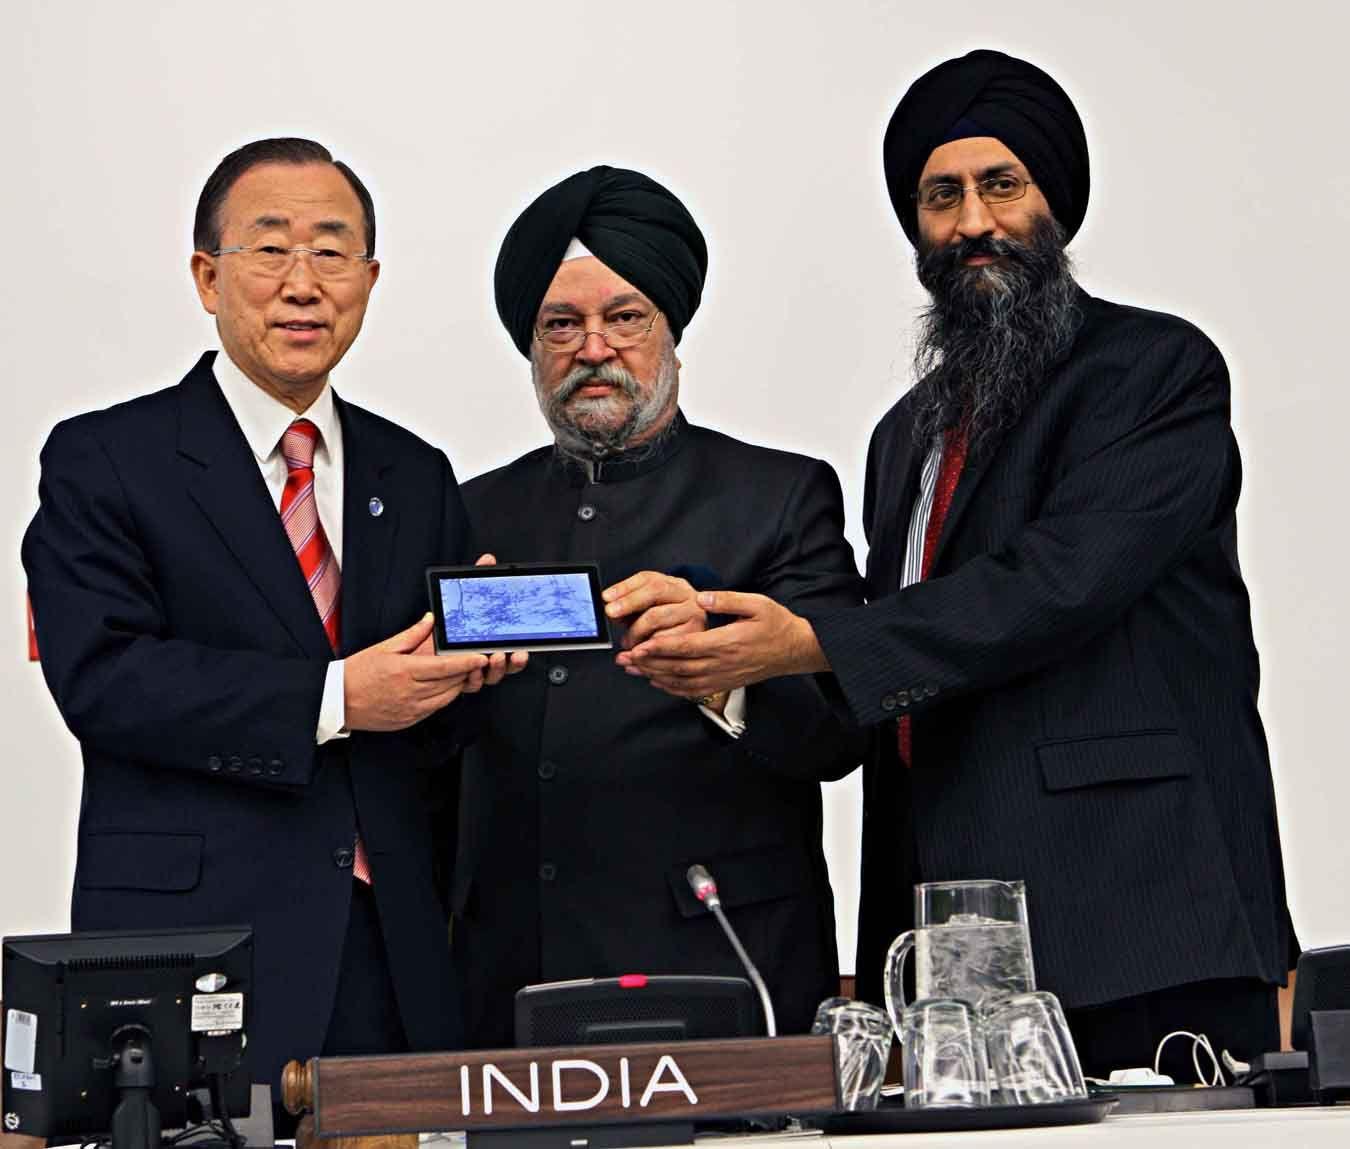 Presentato all'Onu il tablet indiano ultra low cost (60 dollari, 30 per gli studenti) che dovrà aiutare l'India a superare il digital divide.